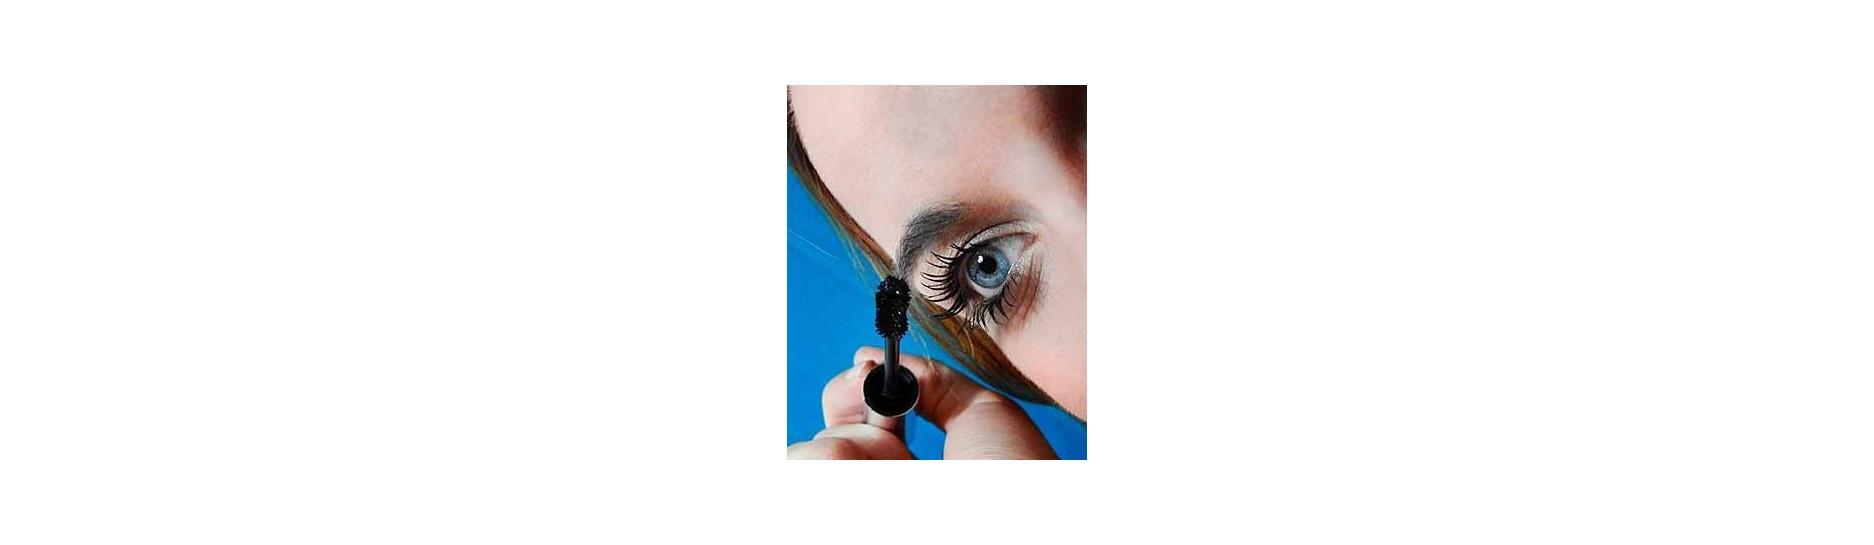 Prodotti naturali per il make-Up - Da Alkemilla eco bio cosmetic